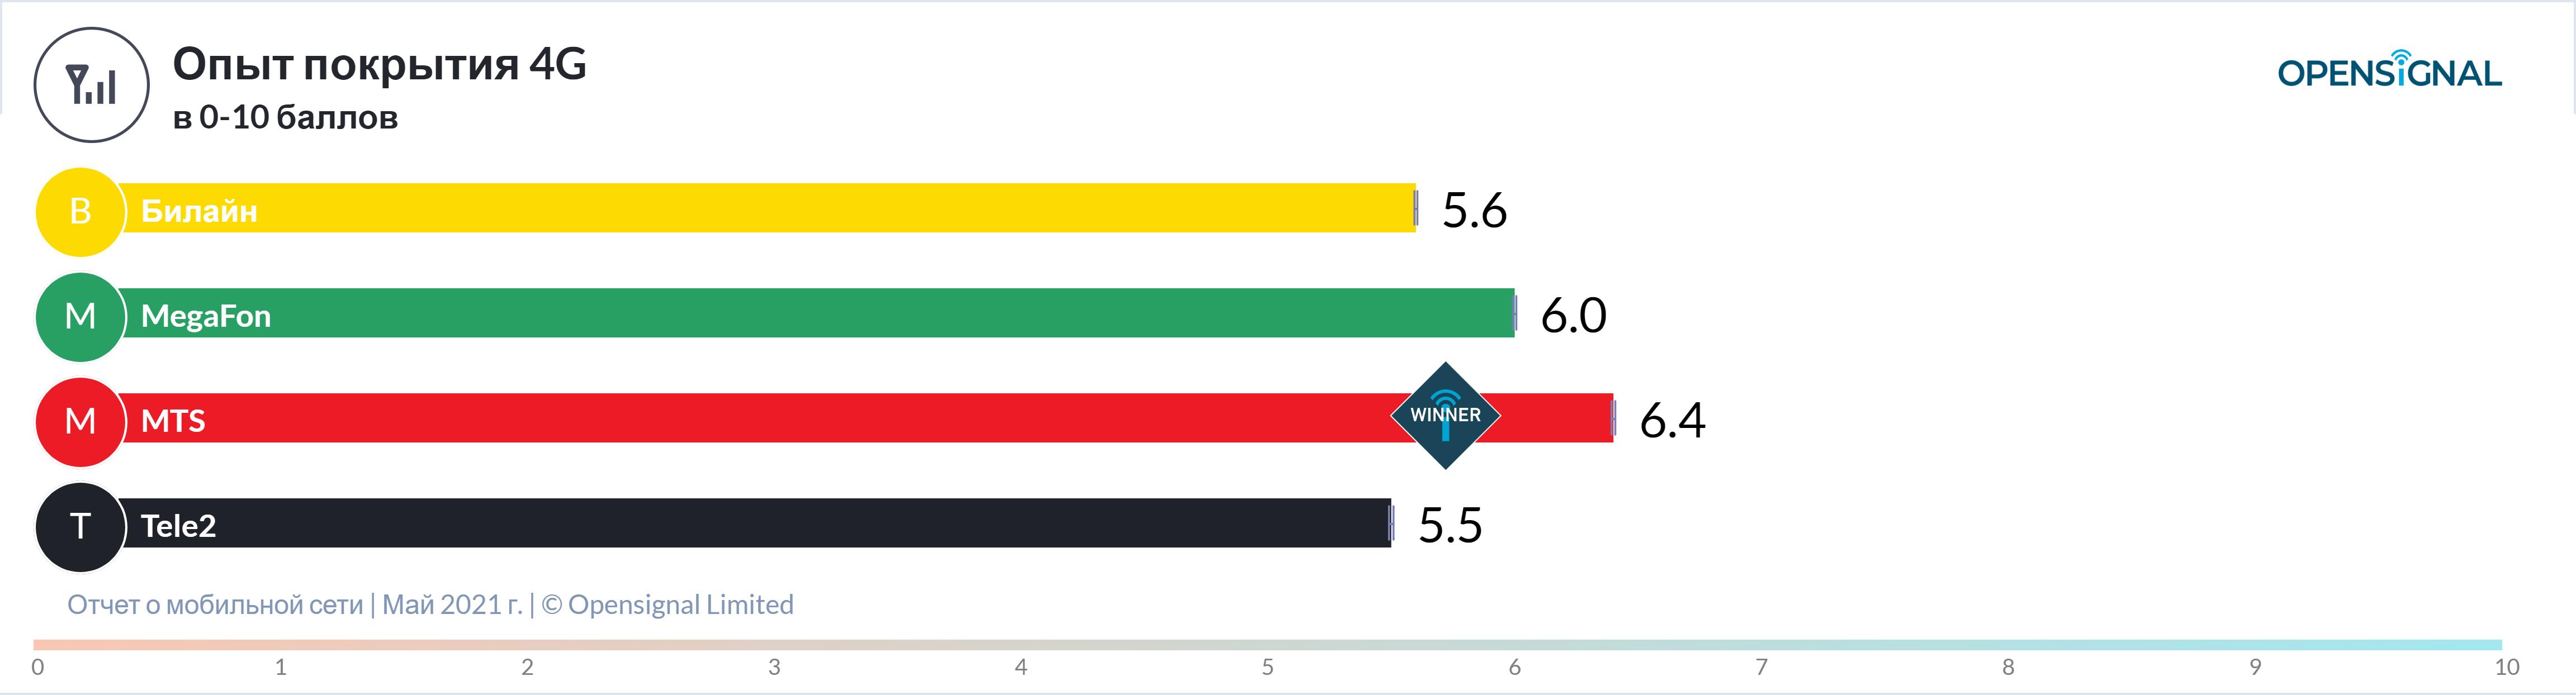 Tele2 признали лучшей по доступности 4G, разбираем признание... (+ данные от других операторов) 5